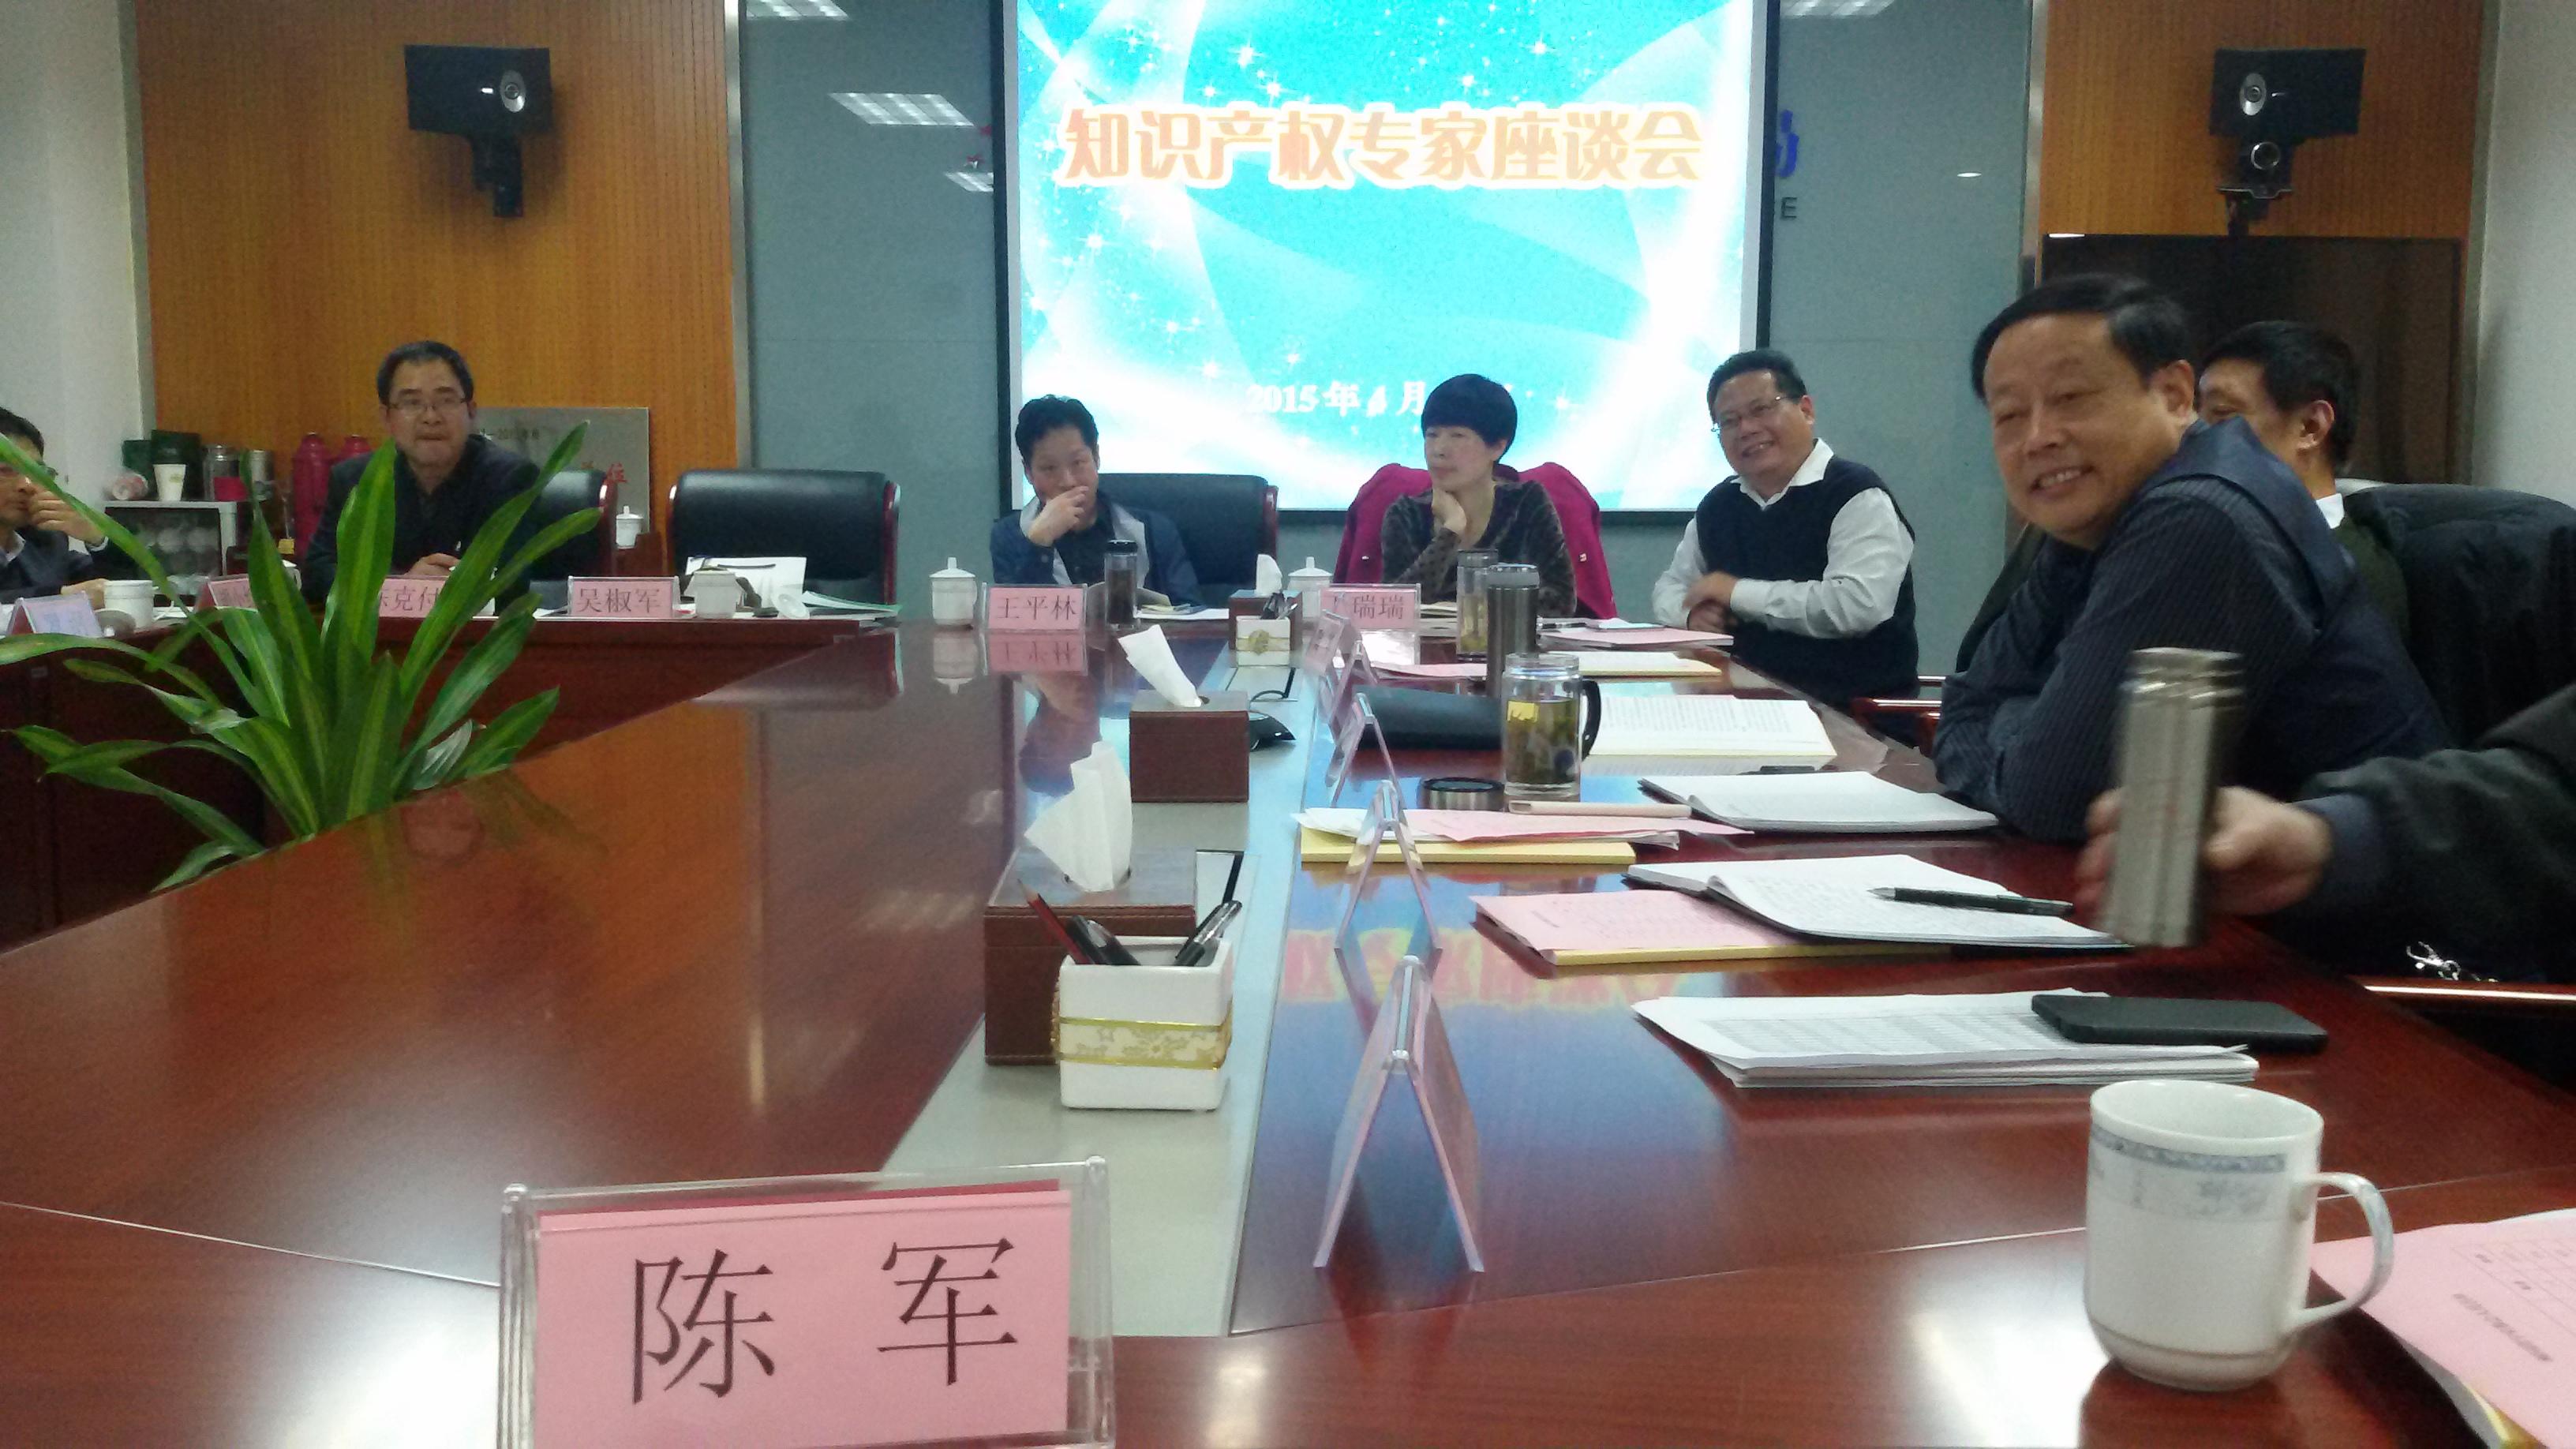 团队陈军律师参加安徽省知识产权局召开的知识产权专家座谈会